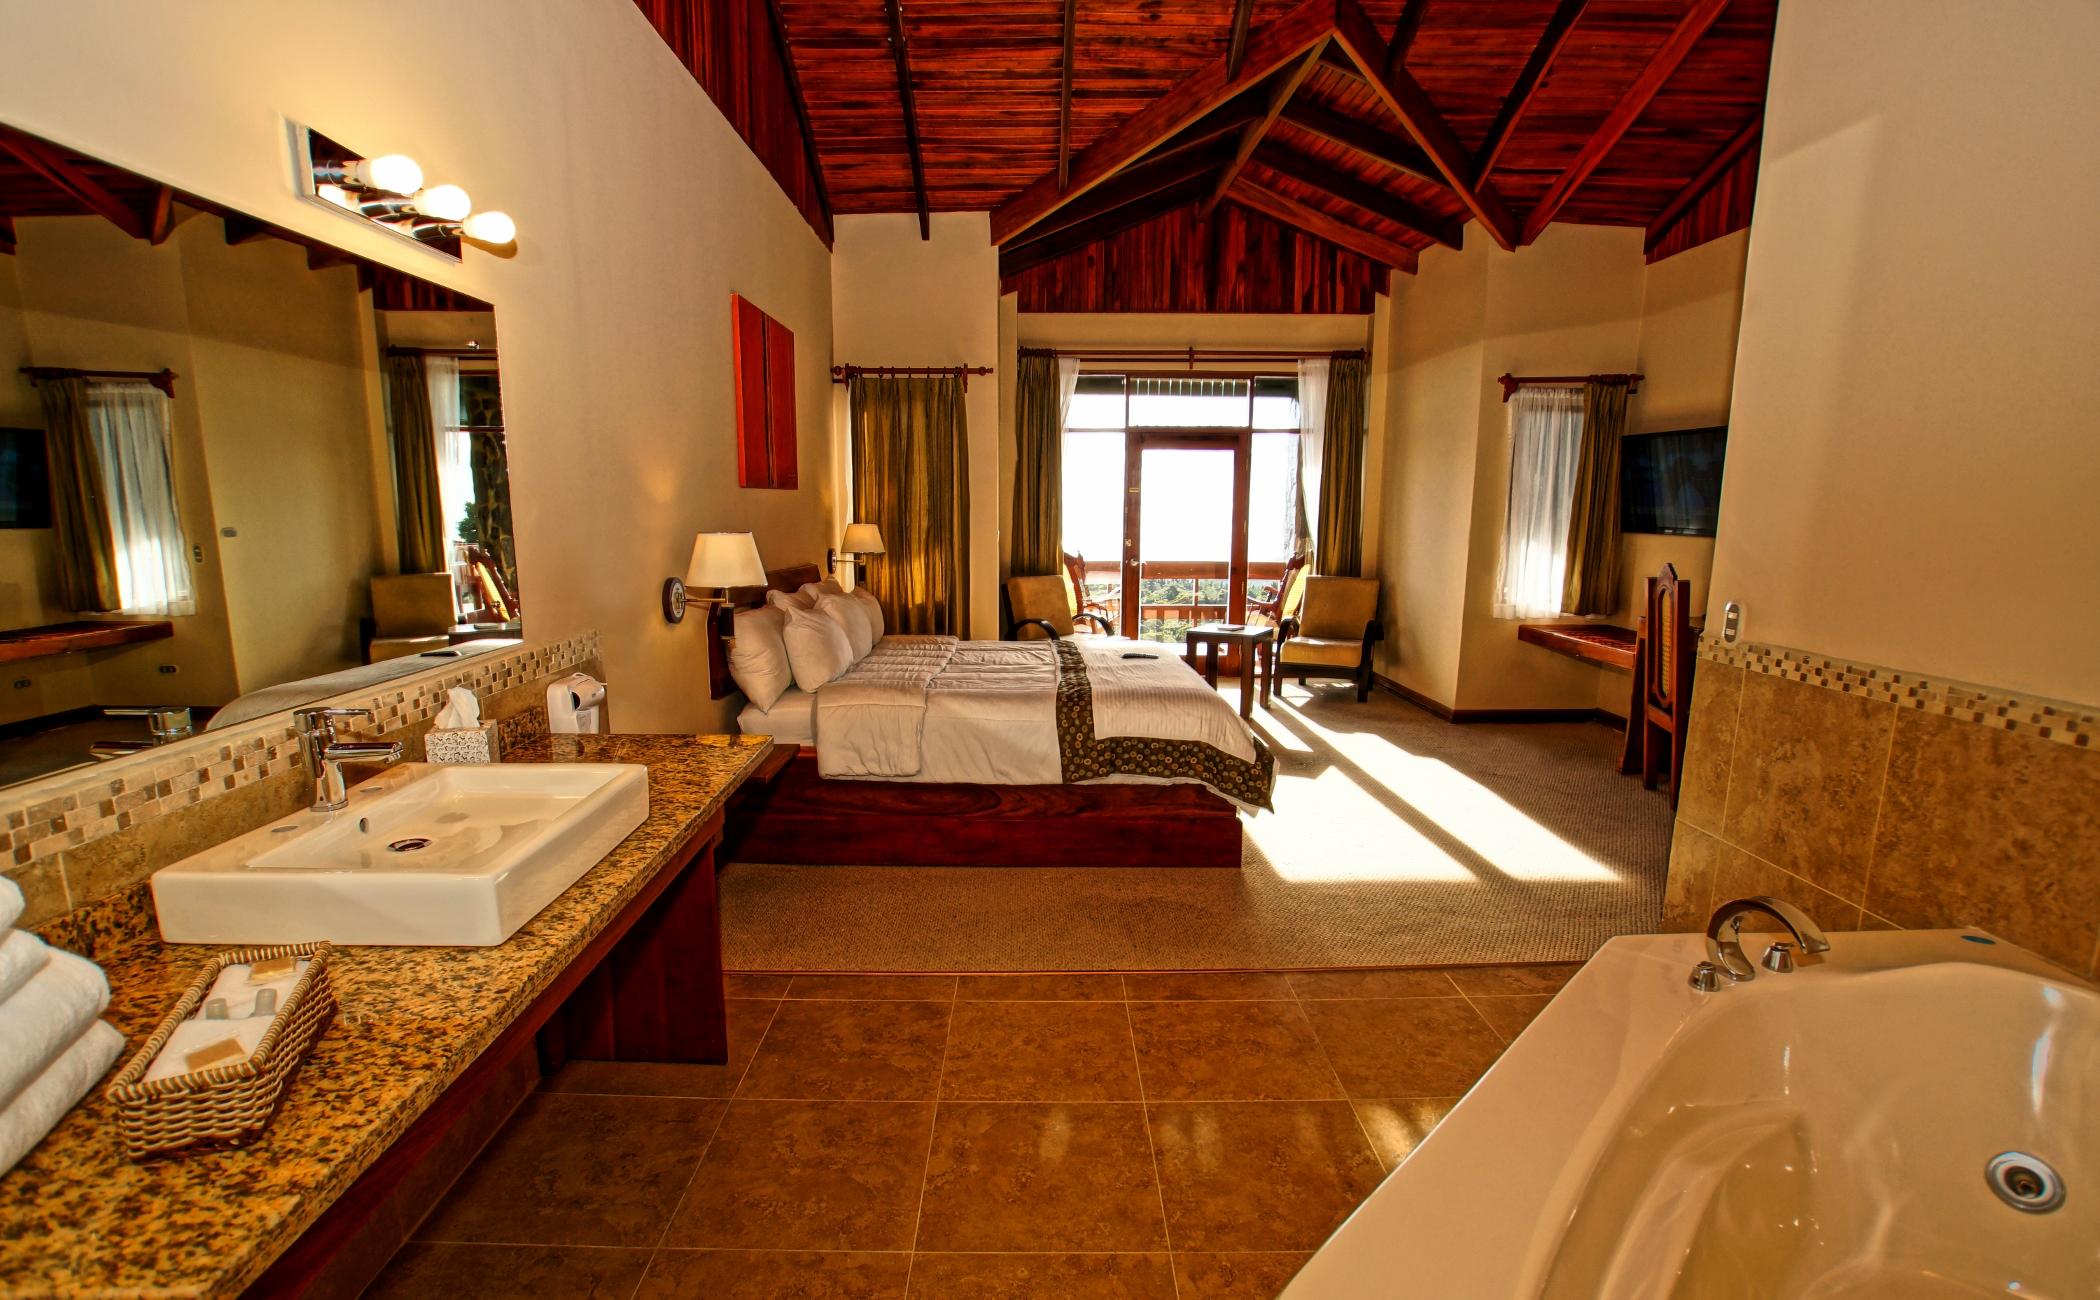 엘 에스타블로 마운틴 호텔